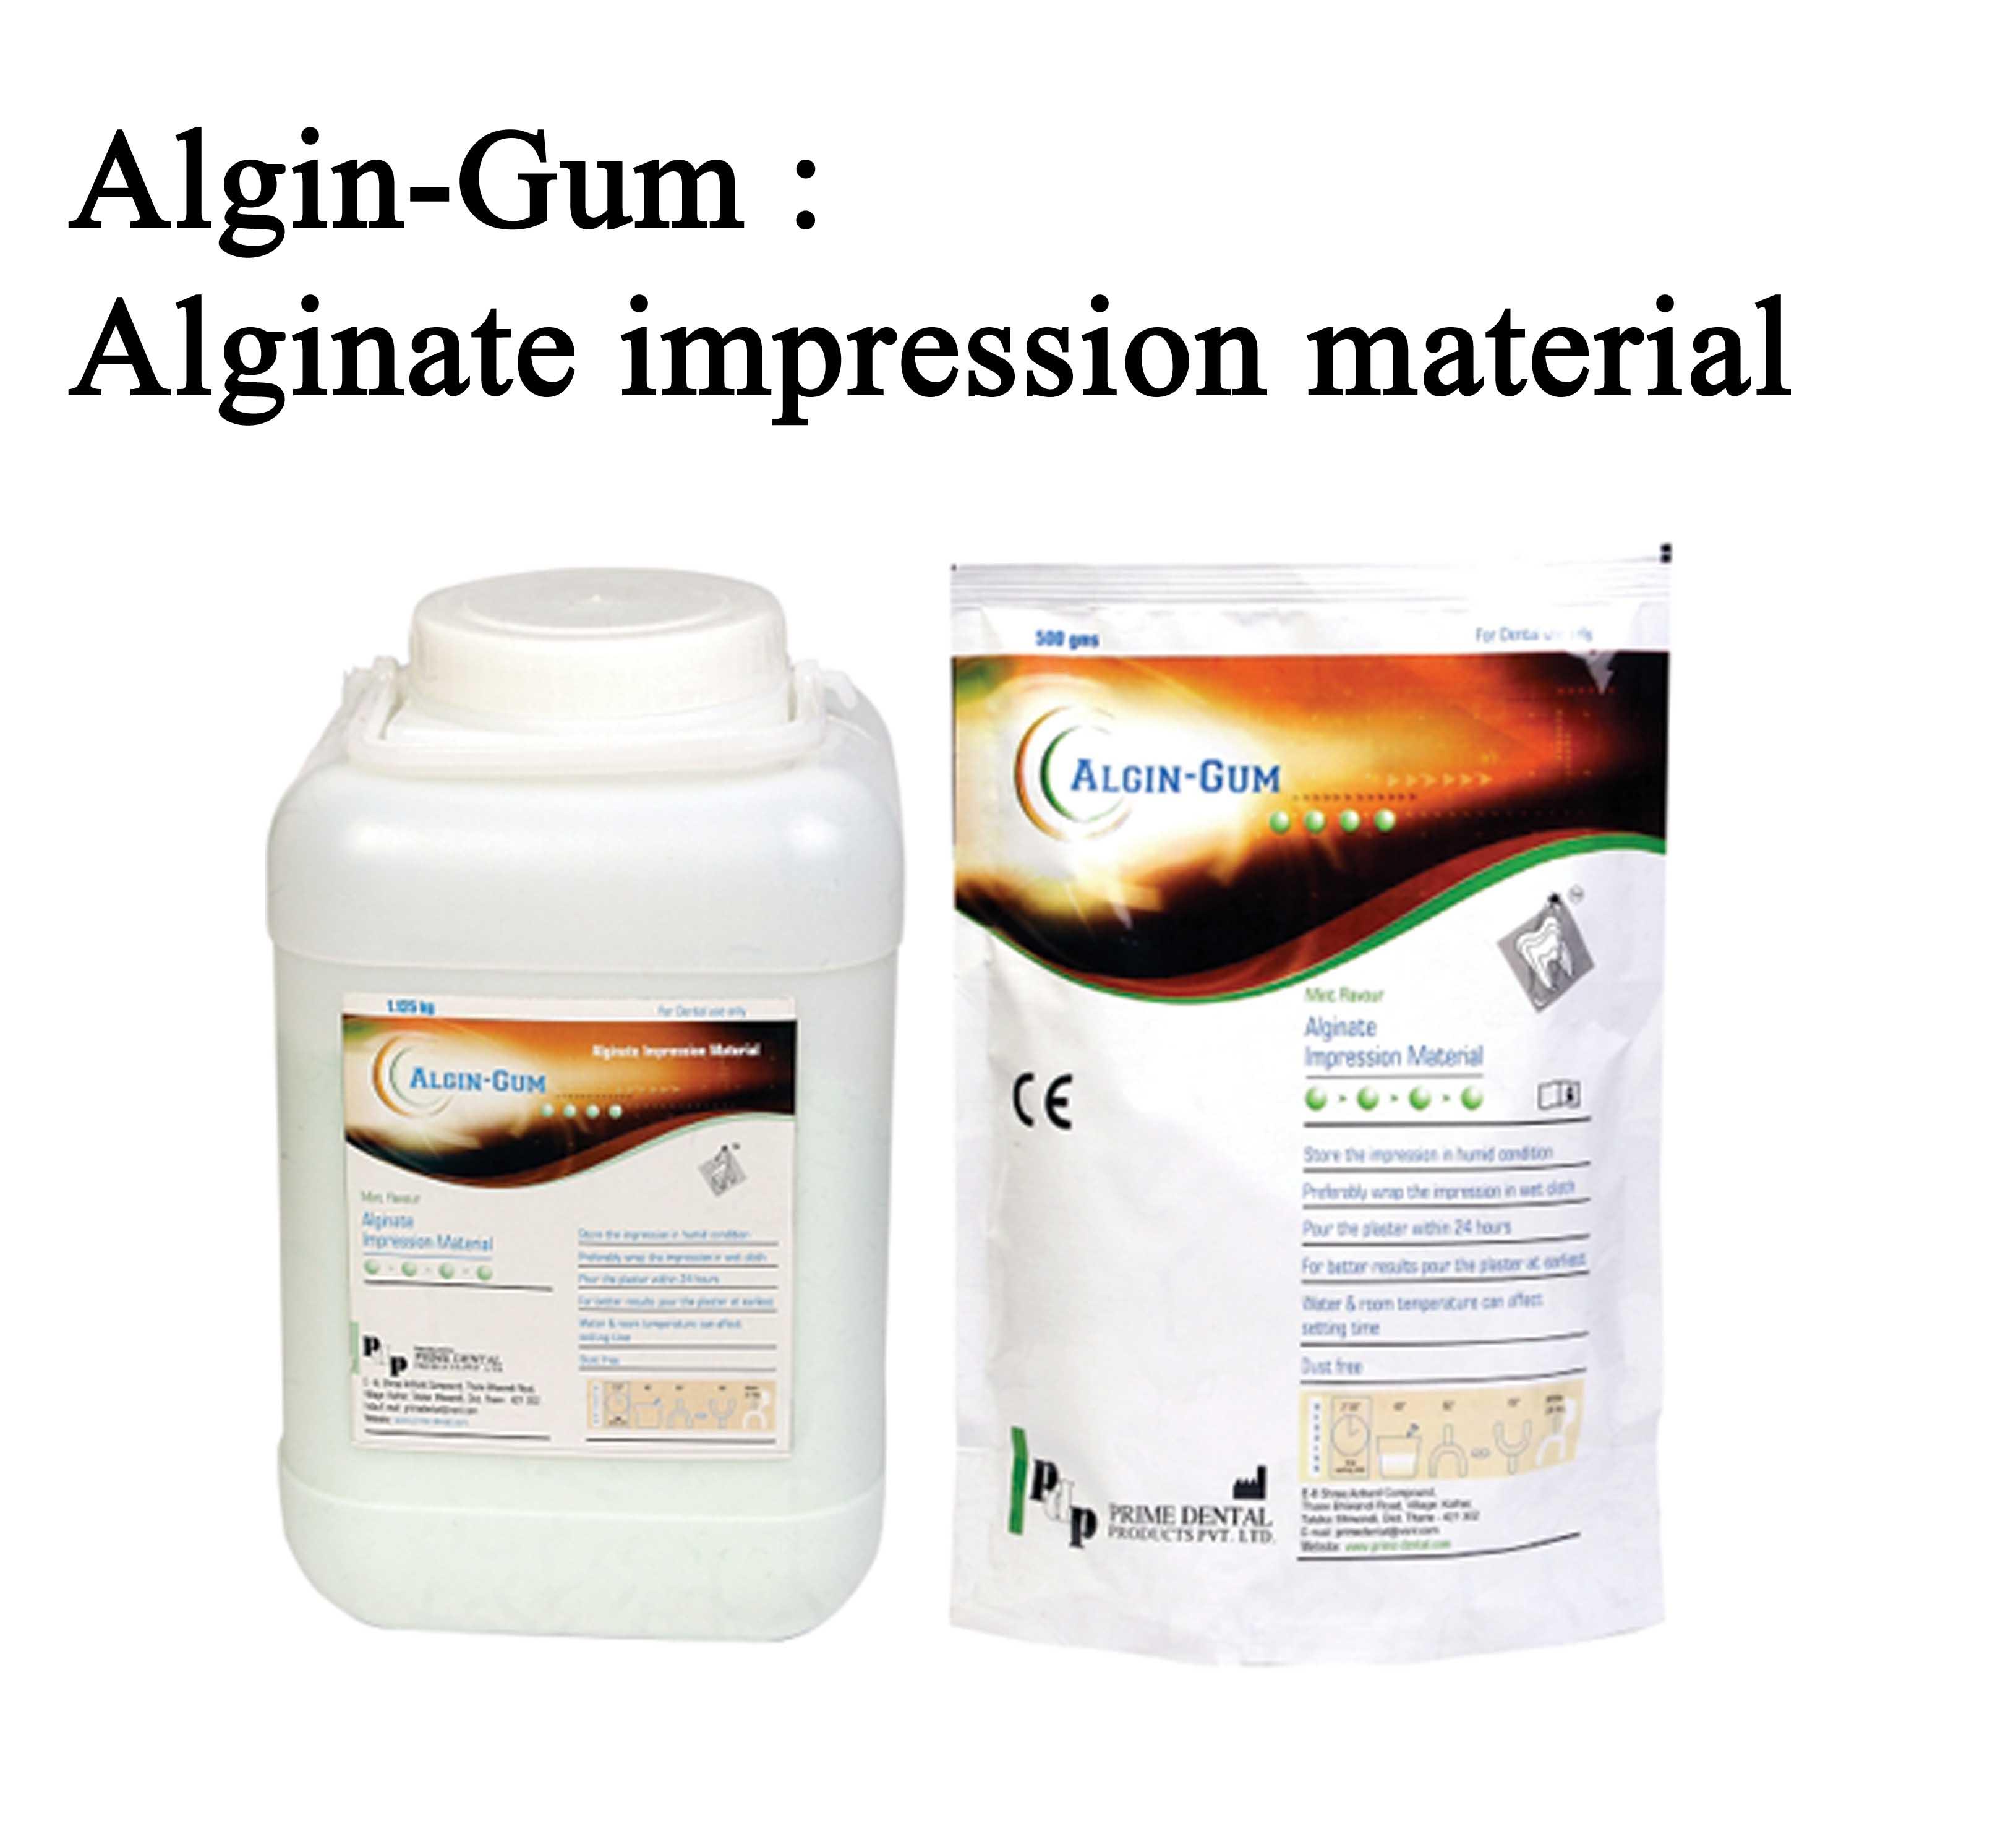 Algin-Gum